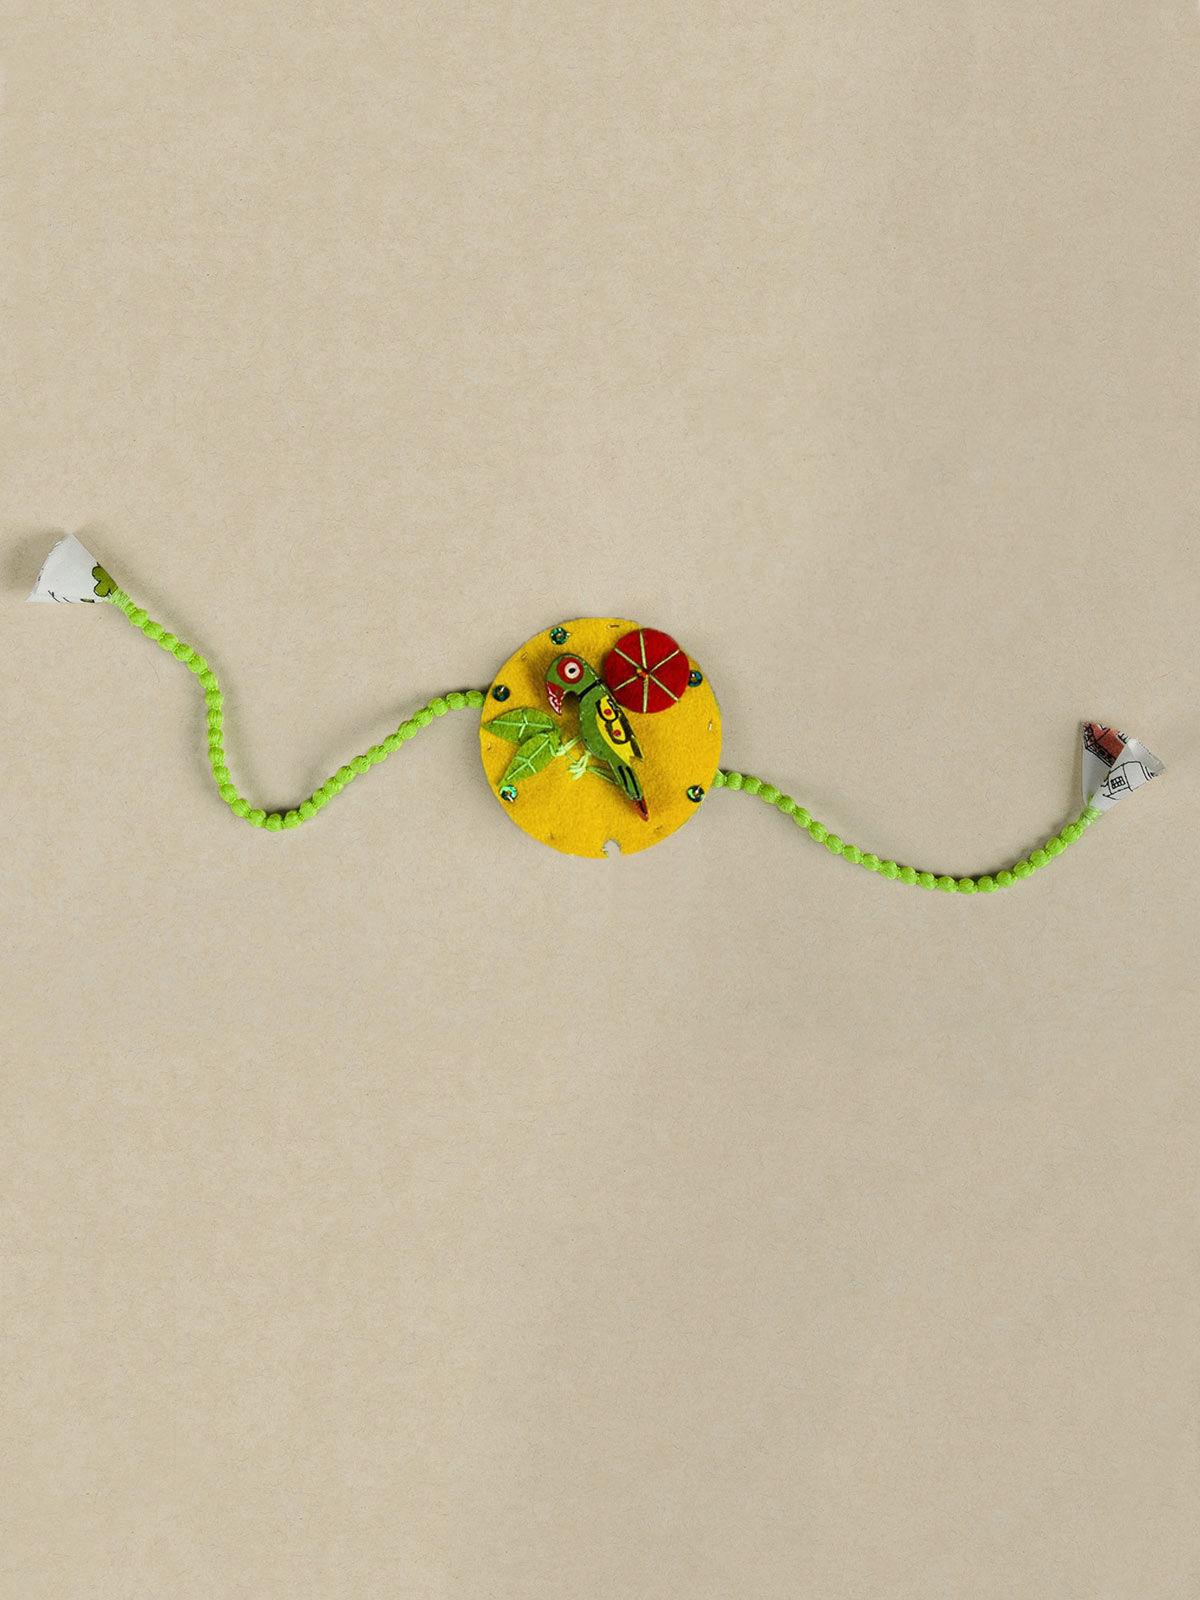 The Green Parrot Rakhi